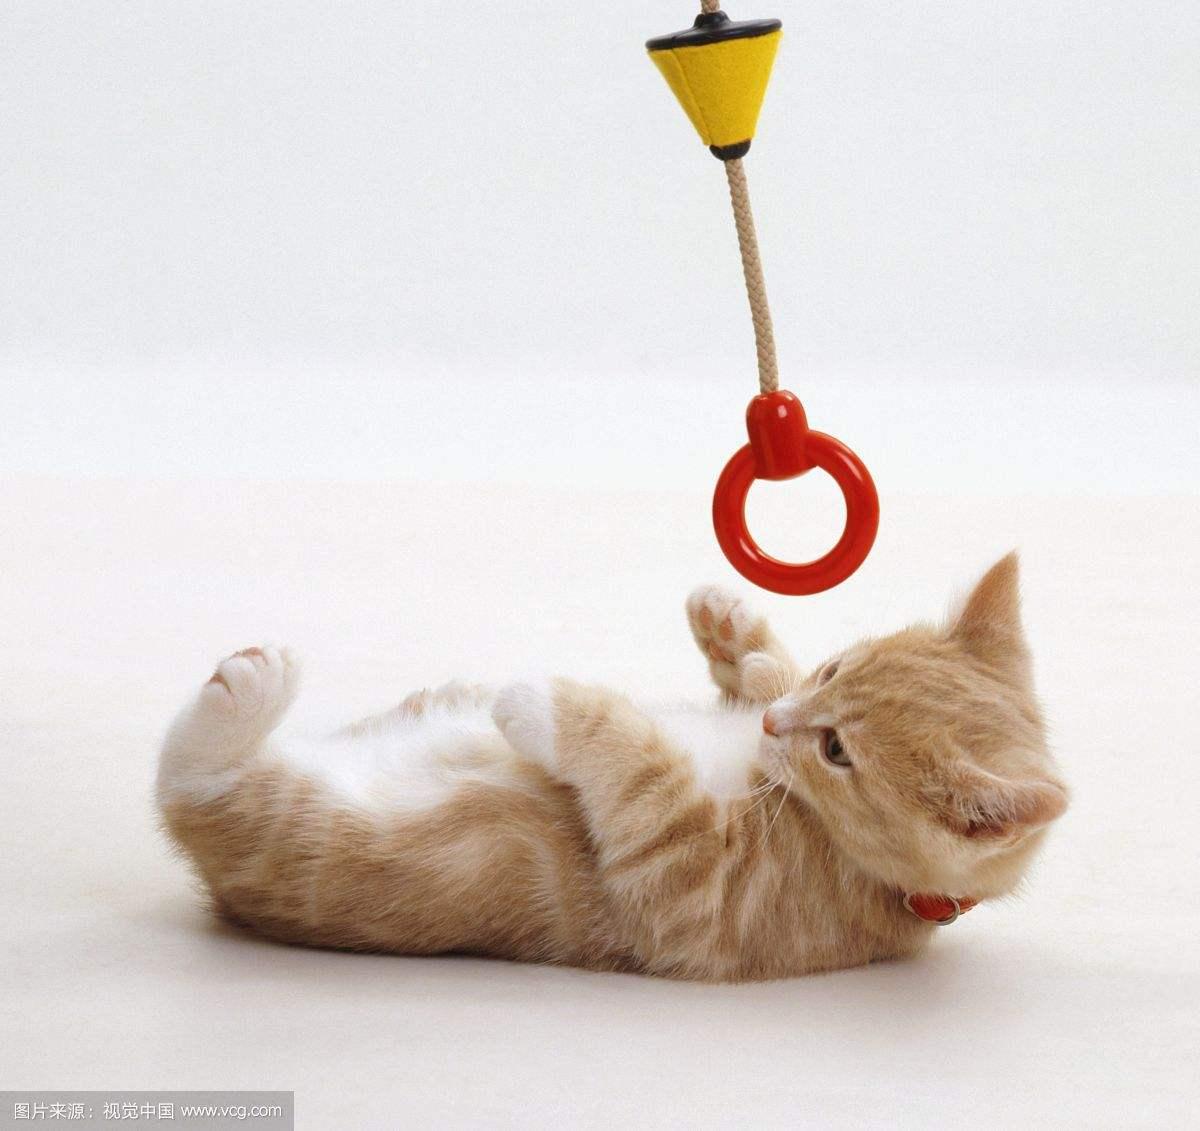 宠物玩具有哪些意义呢?